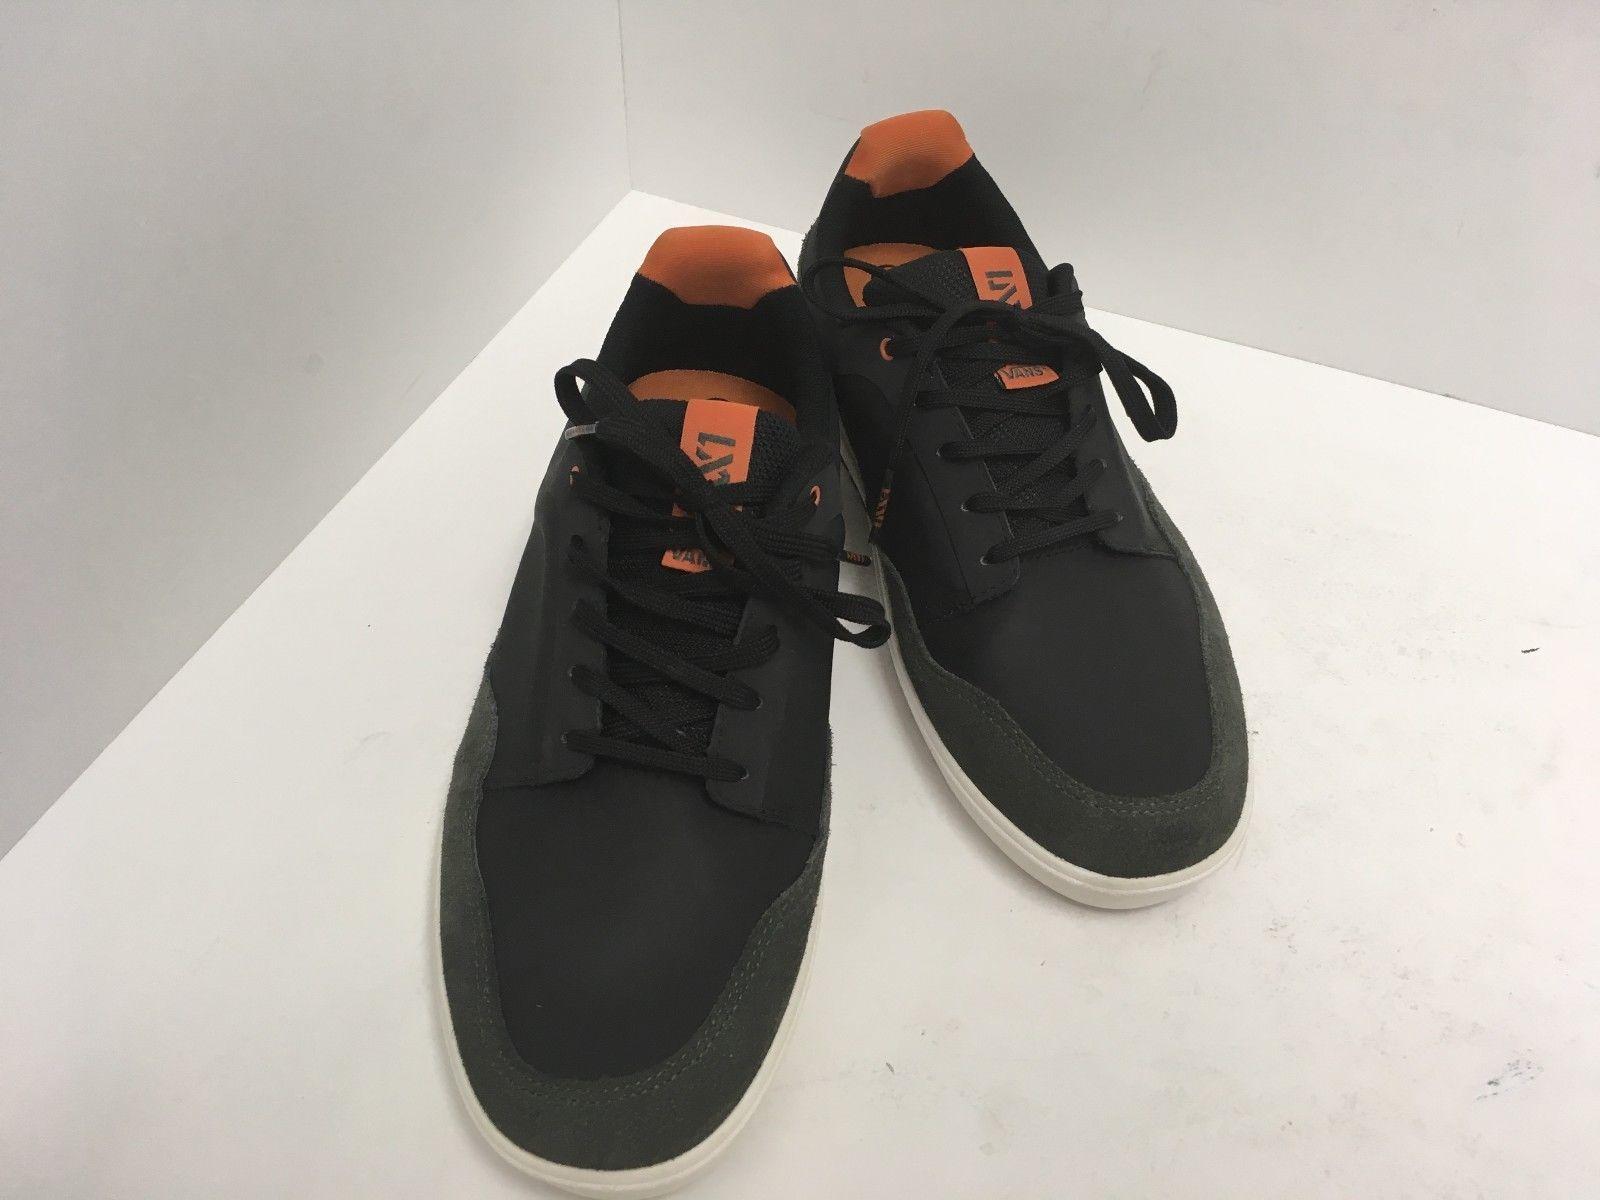 9c92caf2c929de S l1600. S l1600. Previous. Vans Mens LXVI Inscribe Leather Skateboarding  Shoes Black Orange Size 8M EUC